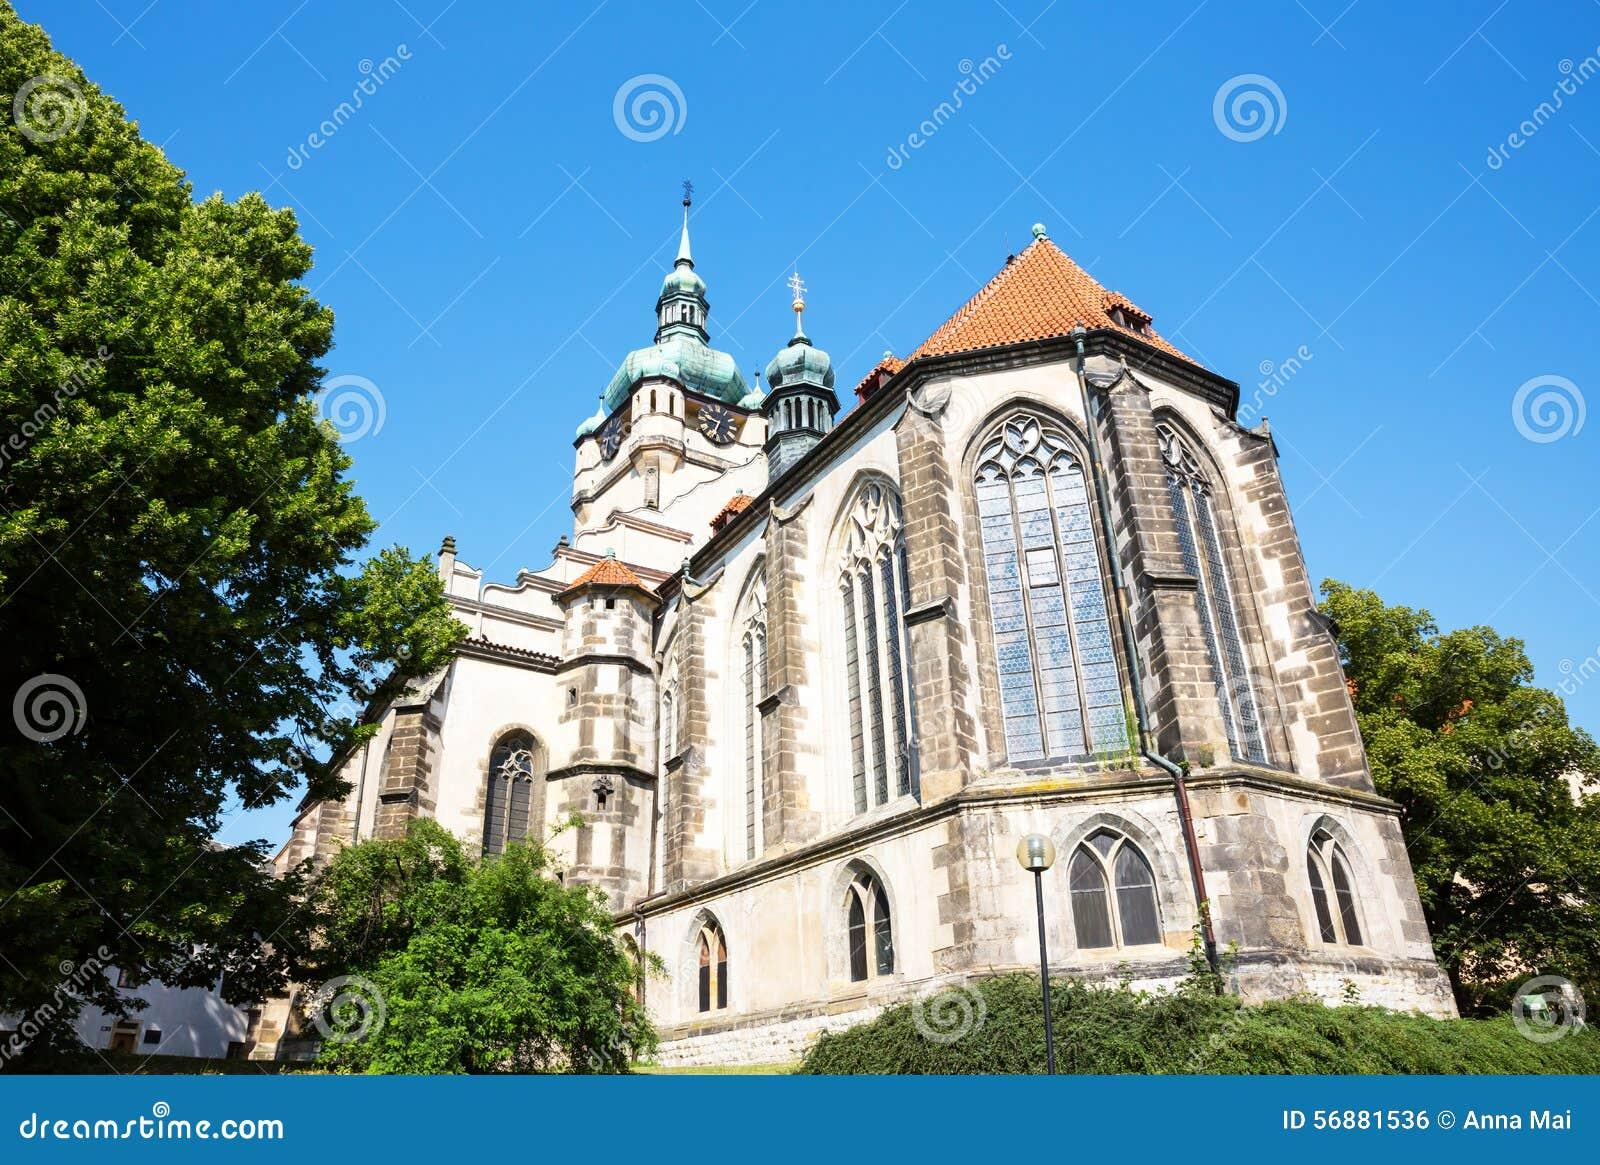 Chiesa St Peter e Paul